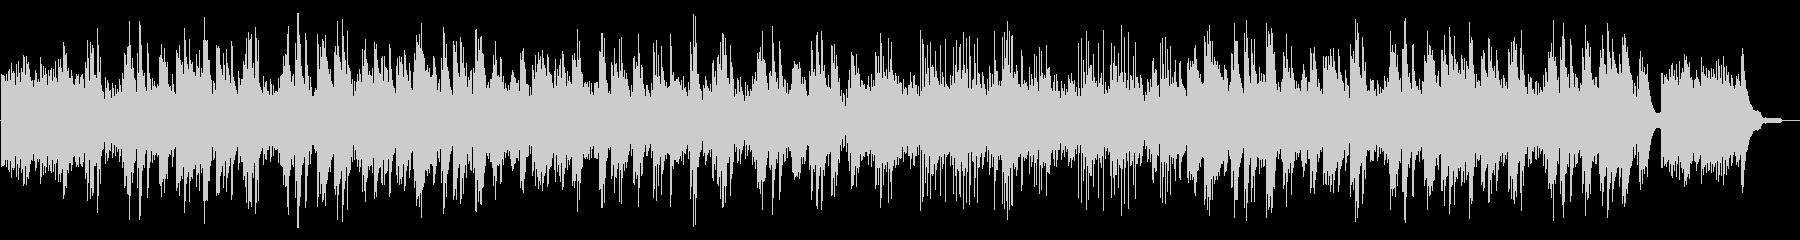 ゆっくり綺麗なピアノソロ バラードの未再生の波形